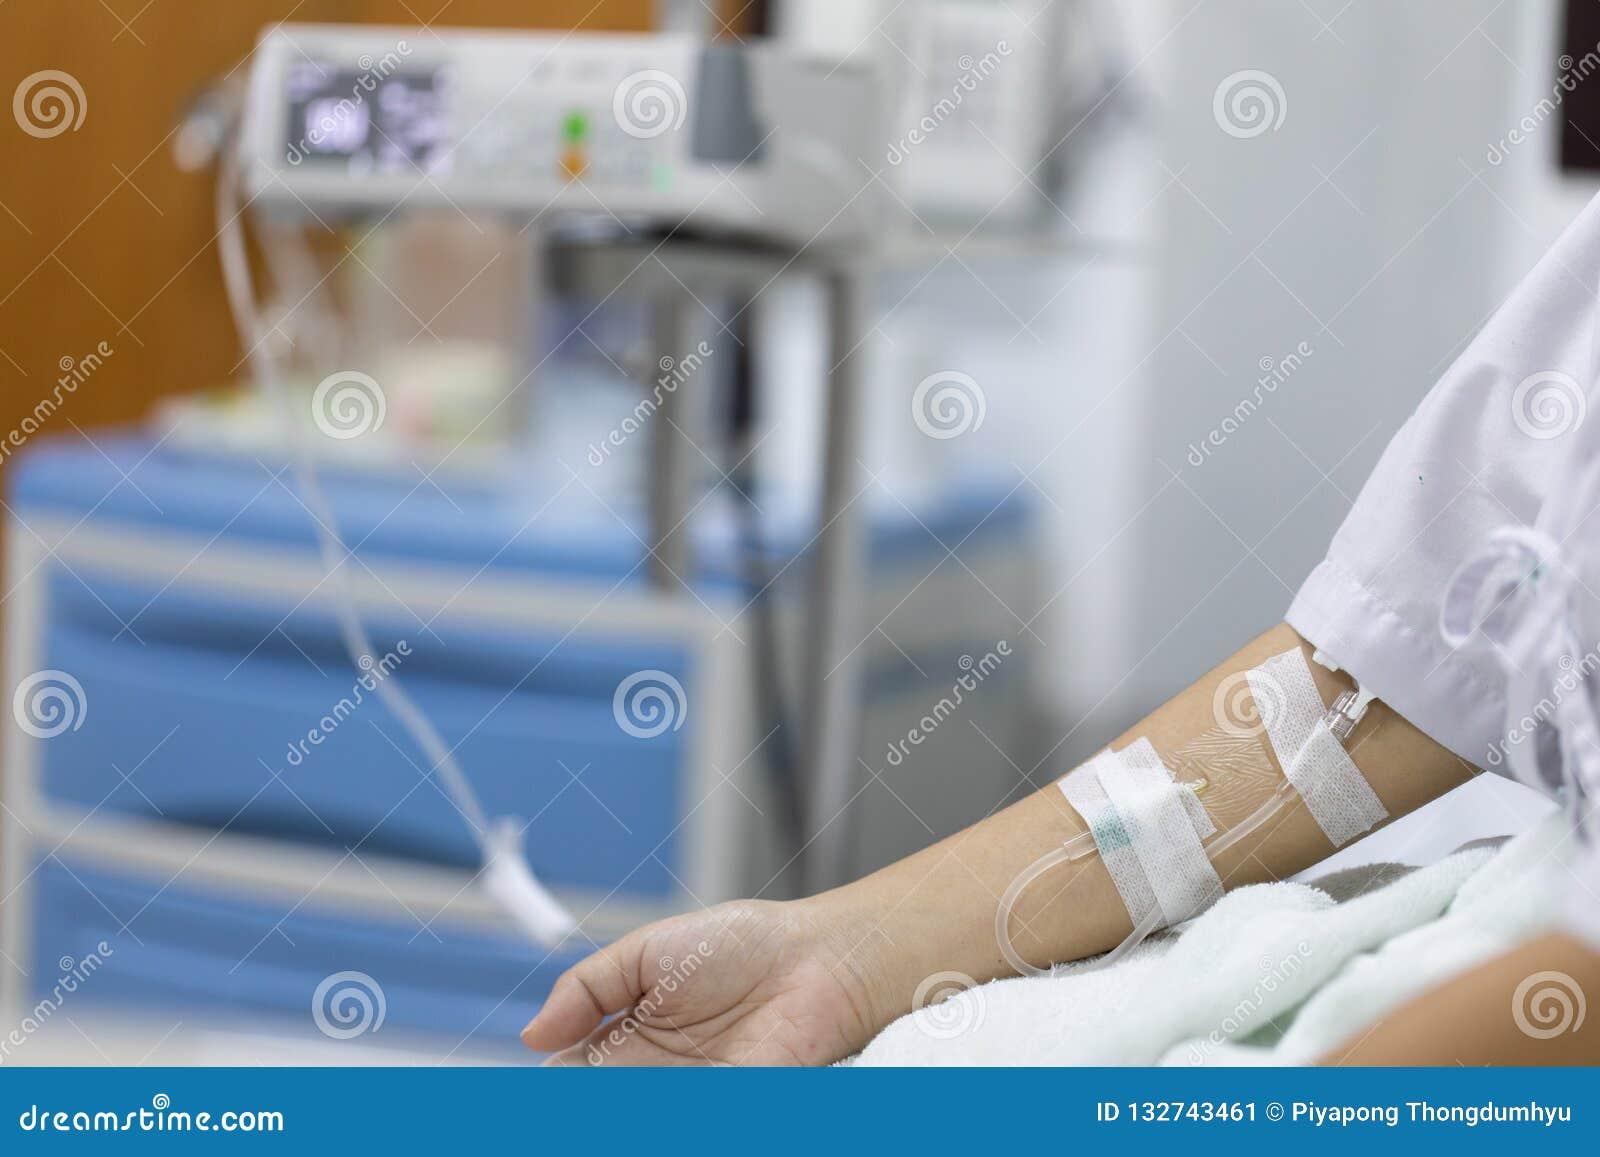 Закройте вверх по пациенту женщины руки с впрыской соляной в руке и во время лежа кроватей реабилитации больница